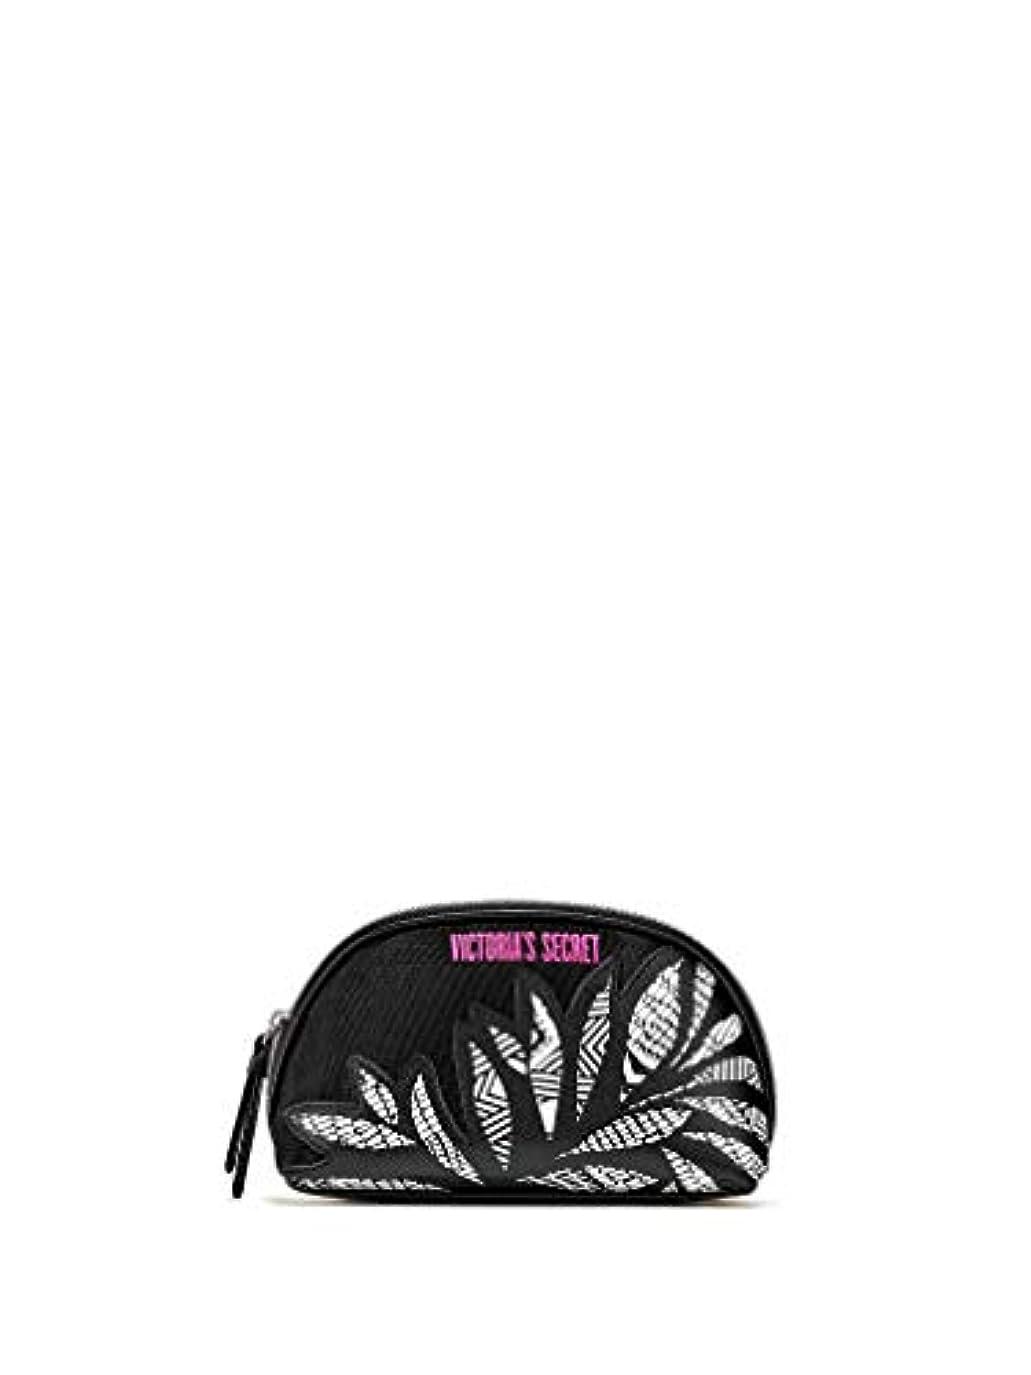 付ける太い建てる【 メイクアップバッグ 】 VICTORIA'S SECRET ヴィクトリアシークレット/ビクトリアシークレット グラフィックブルームビューティーバッグ/Graphic Blooms Beauty Bag [並行輸入品]